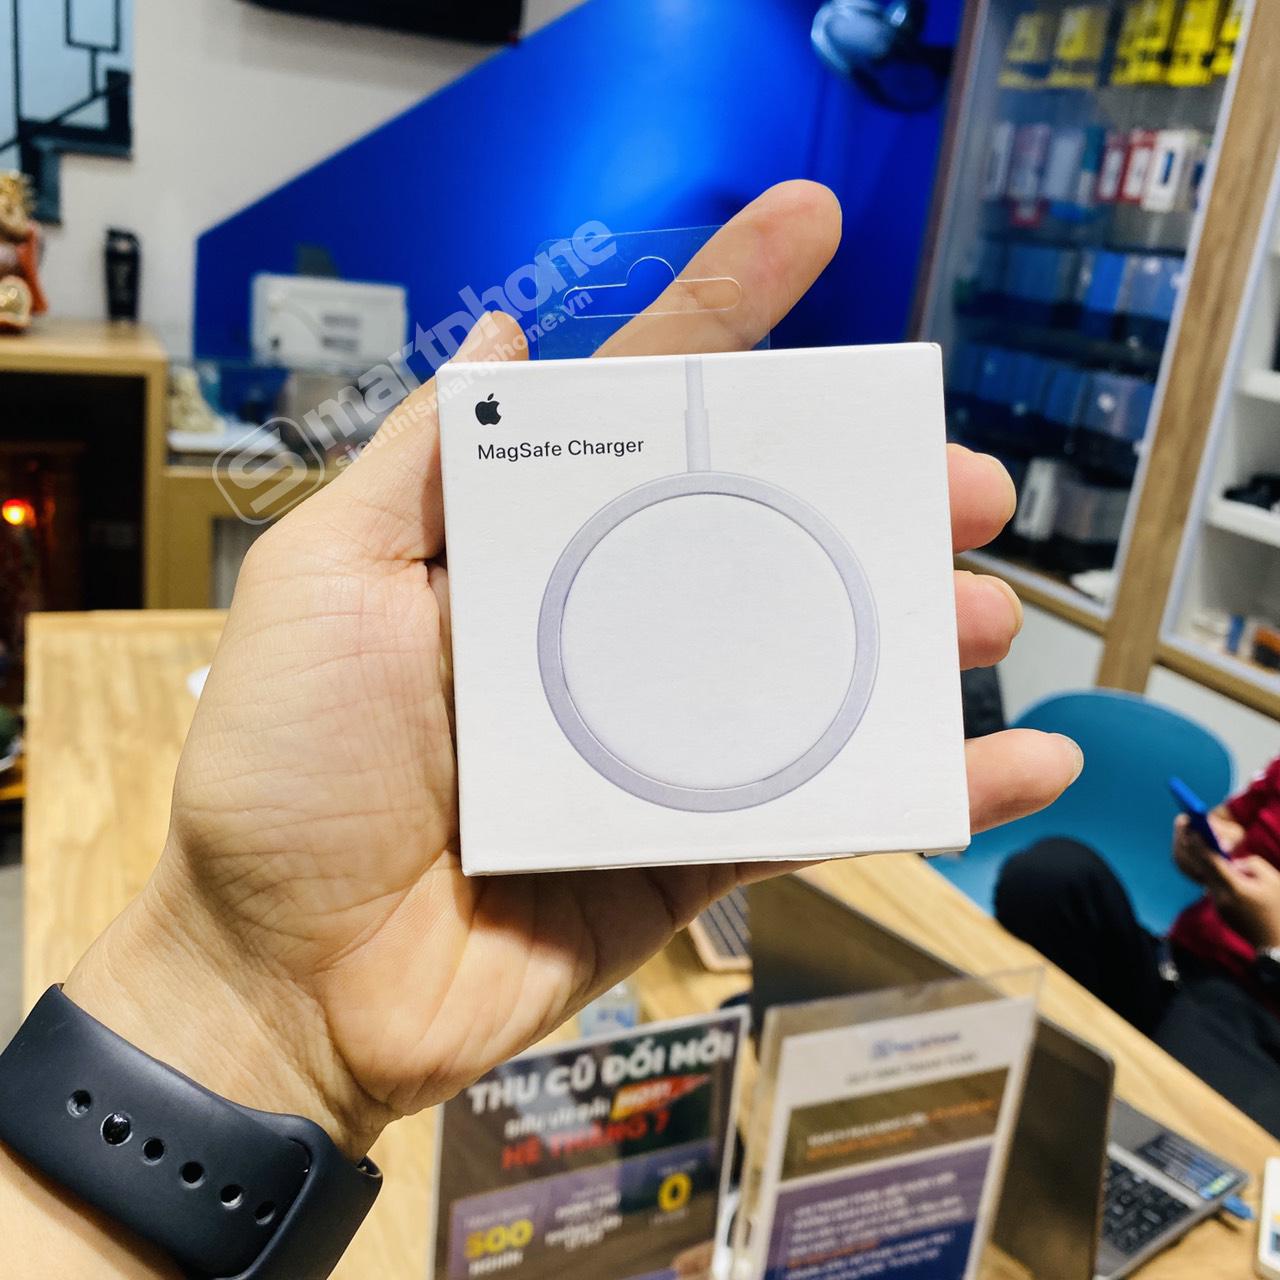 Bộ sạc không dây Magsafe 15W cho iPhone iPhone 8/X, Xs, Xsmax, 11 và 12 Pro  - Chính hãng Apple - Đế Sạc Không Dây